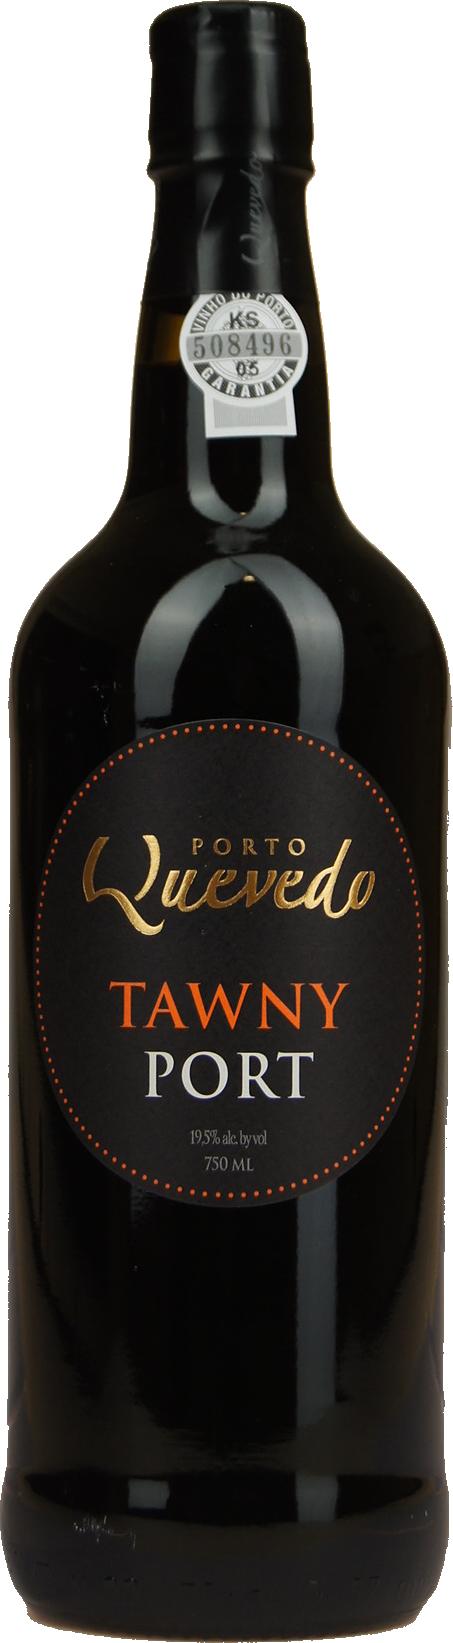 Quevedo Tawny